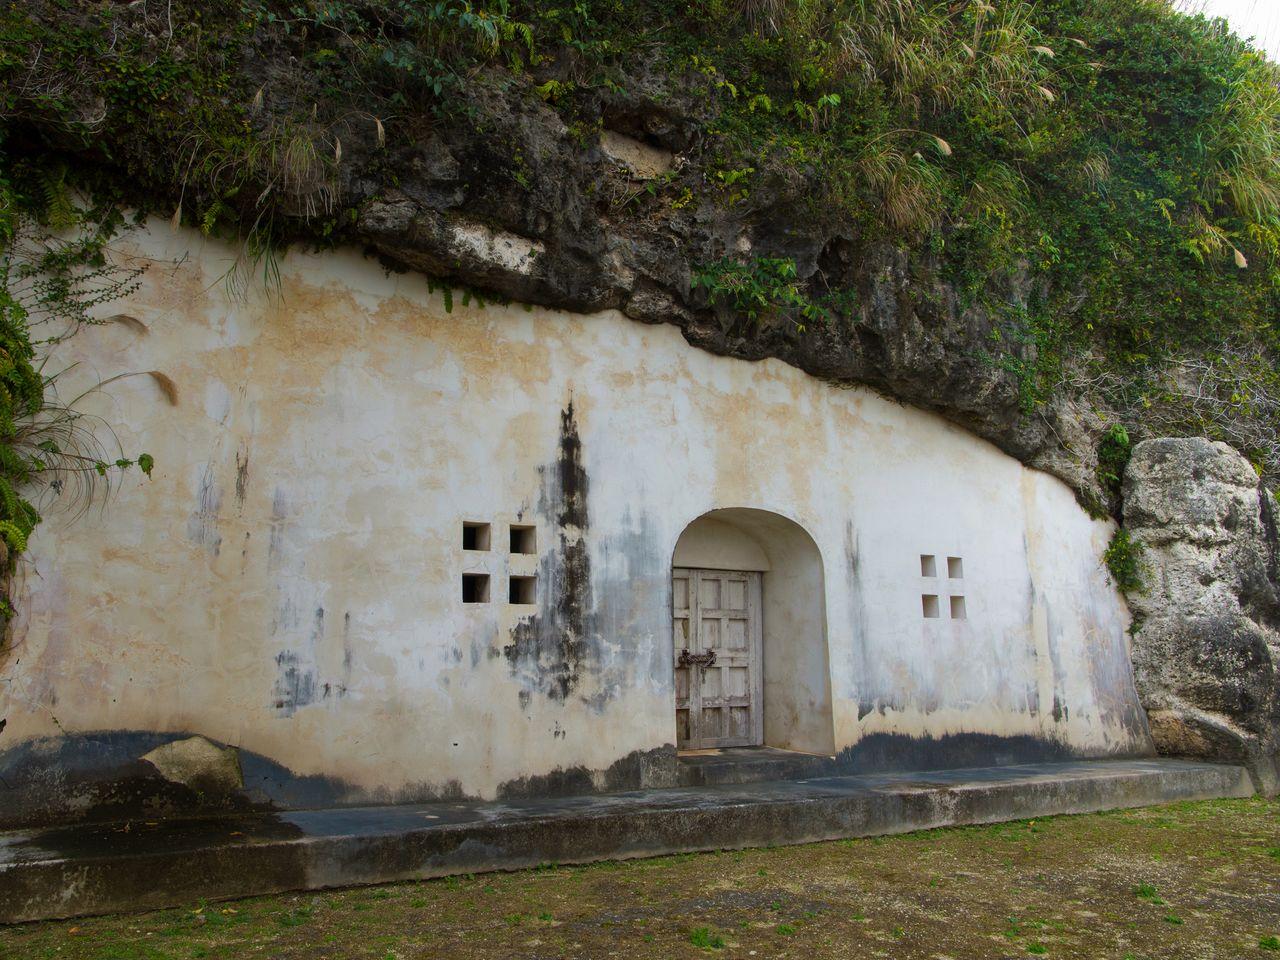 Западный мавзолей Урасукэ Ёдорэ – могила короля Эйсо (1229-1299). Слово «ёдорэ» обозначает «вечерний штиль», а закат на море в безветренную погоду отождествляется с раем